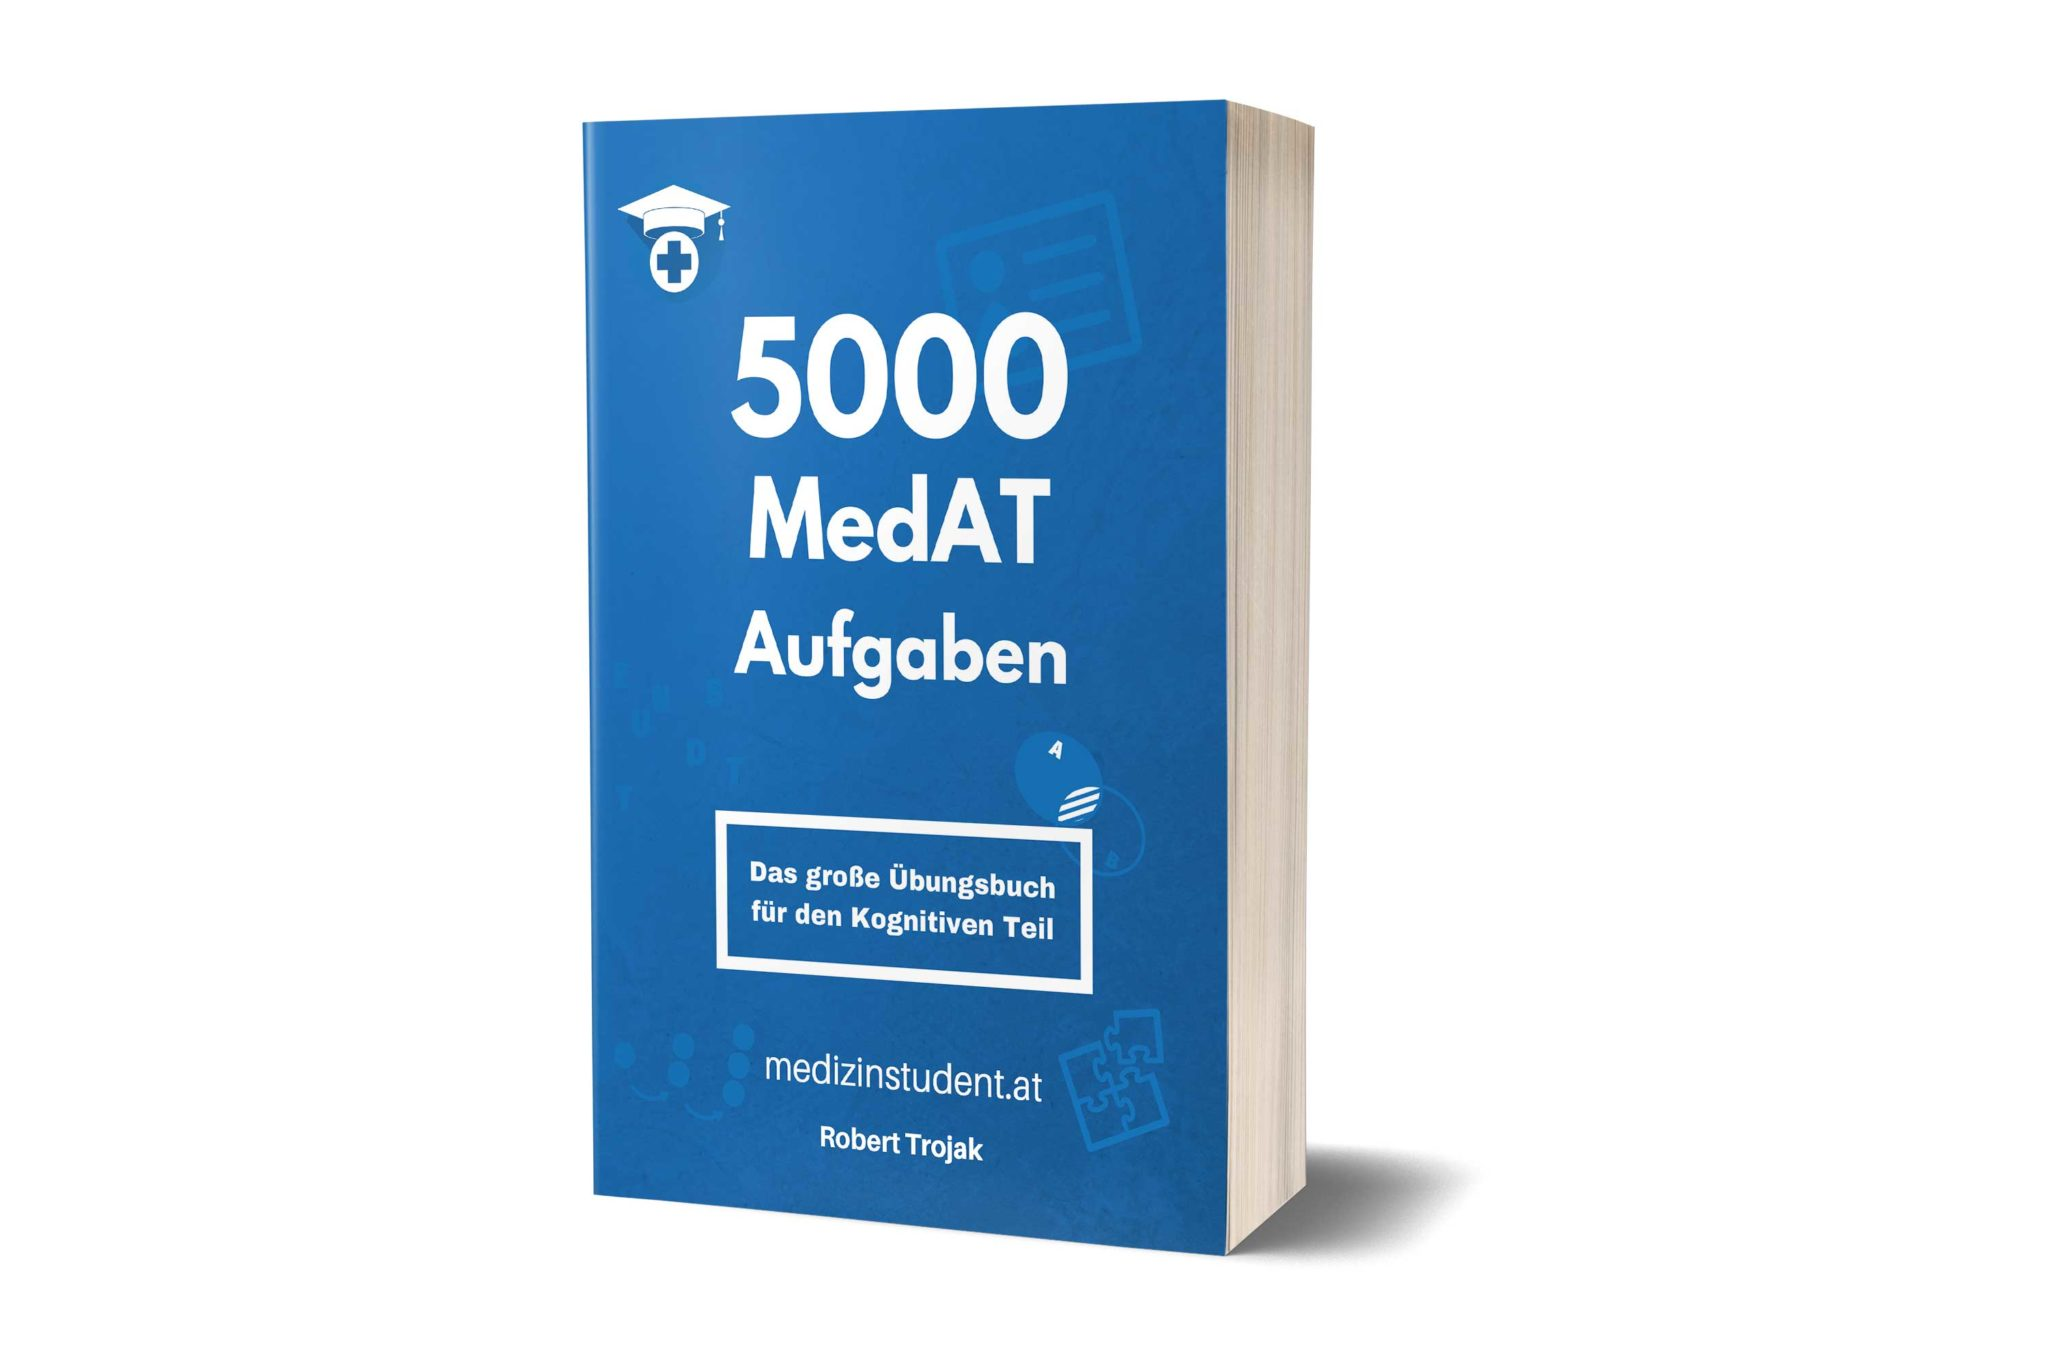 5000 MedAT Aufgaben - das große Vorbereitungsbuch für den kognitiven Teil